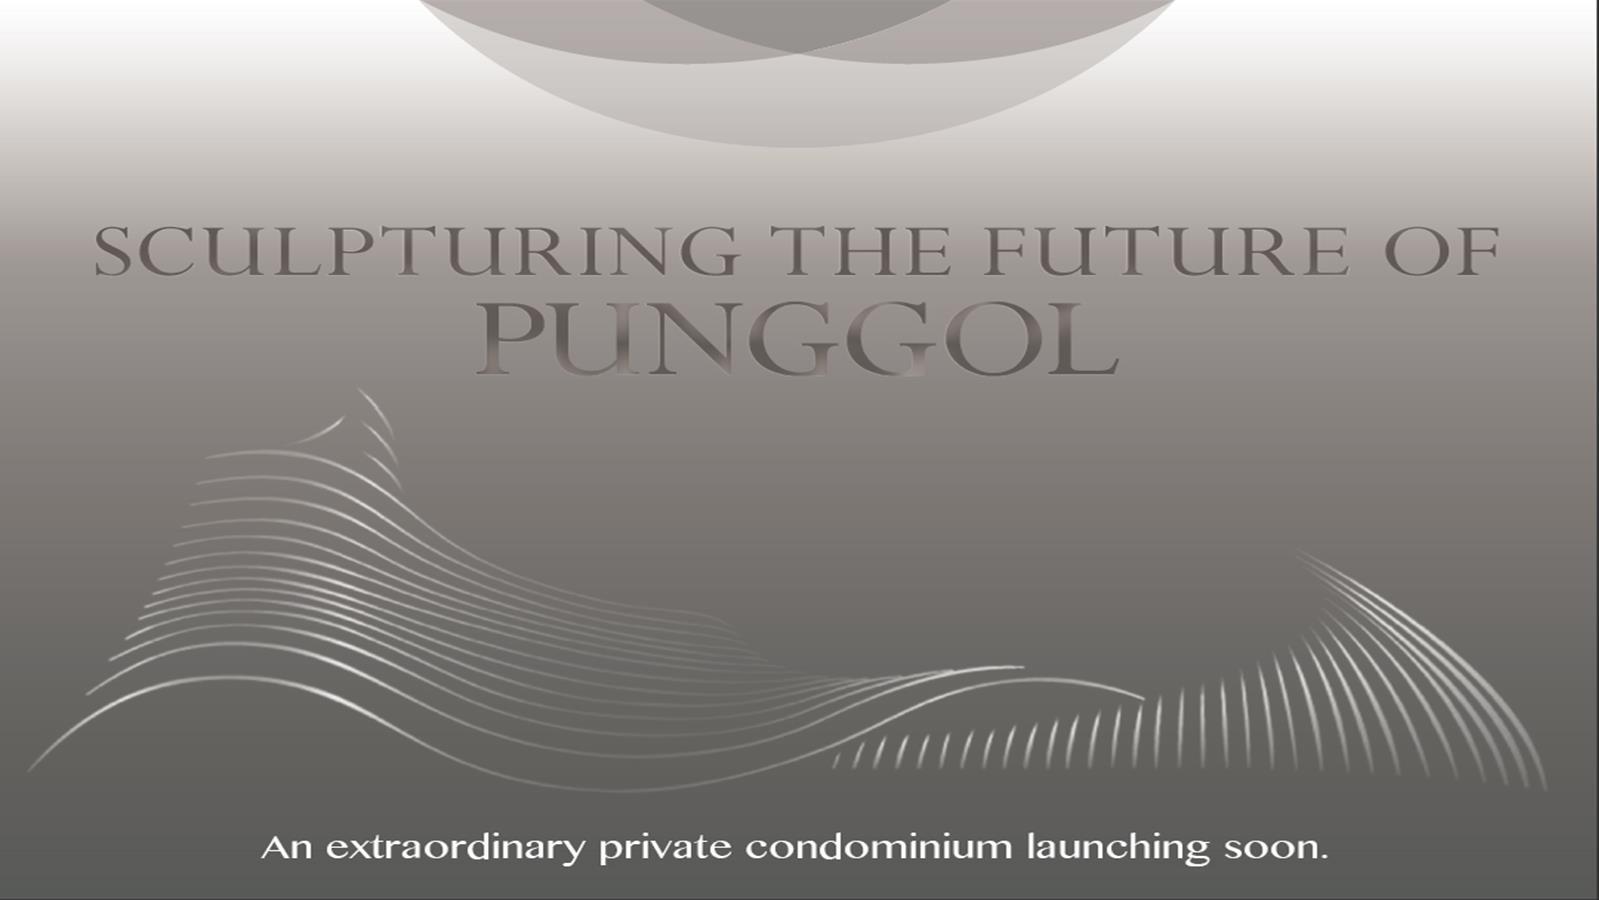 Punggol.. The new Sculpture